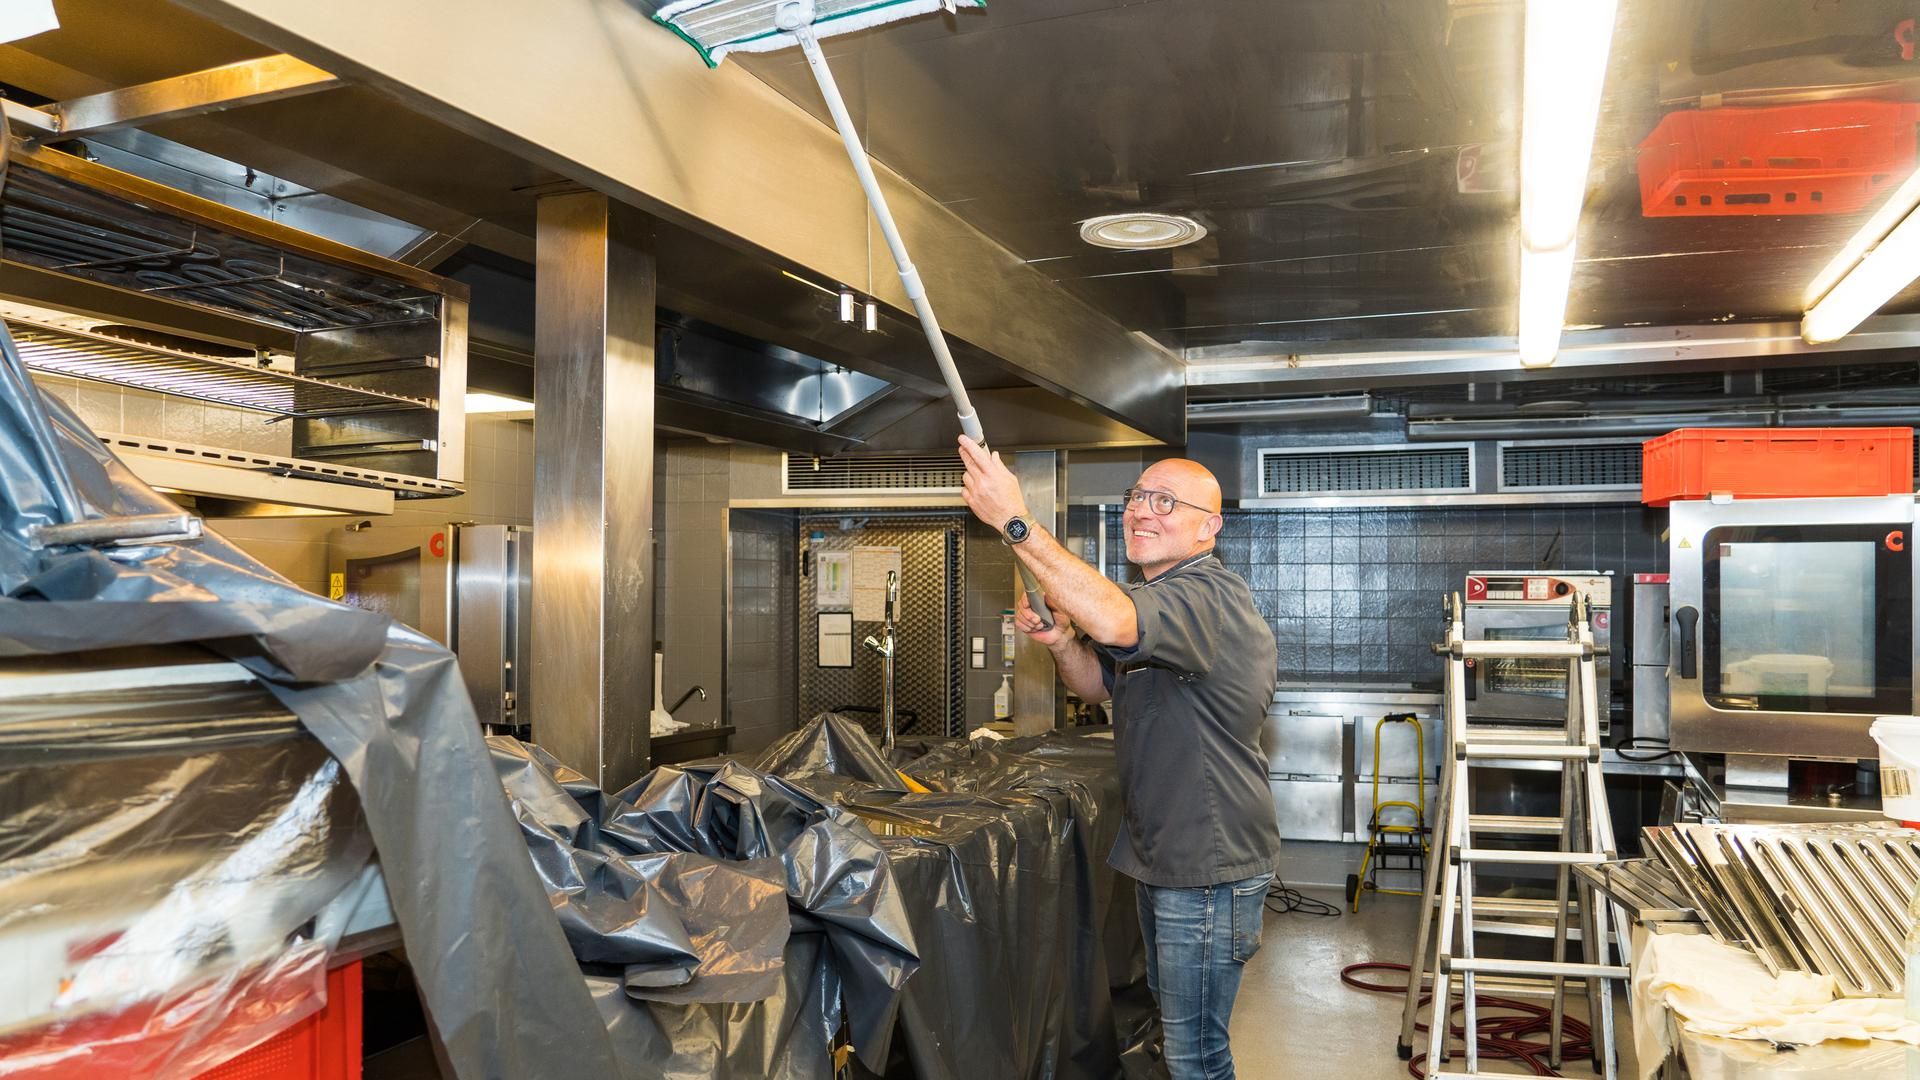 Der Küchenchef vom Gasthaus Engel in Sasbachwalden, Christian Mamber bereitet sich auf eine mögliche Wiedereröffnung vor.